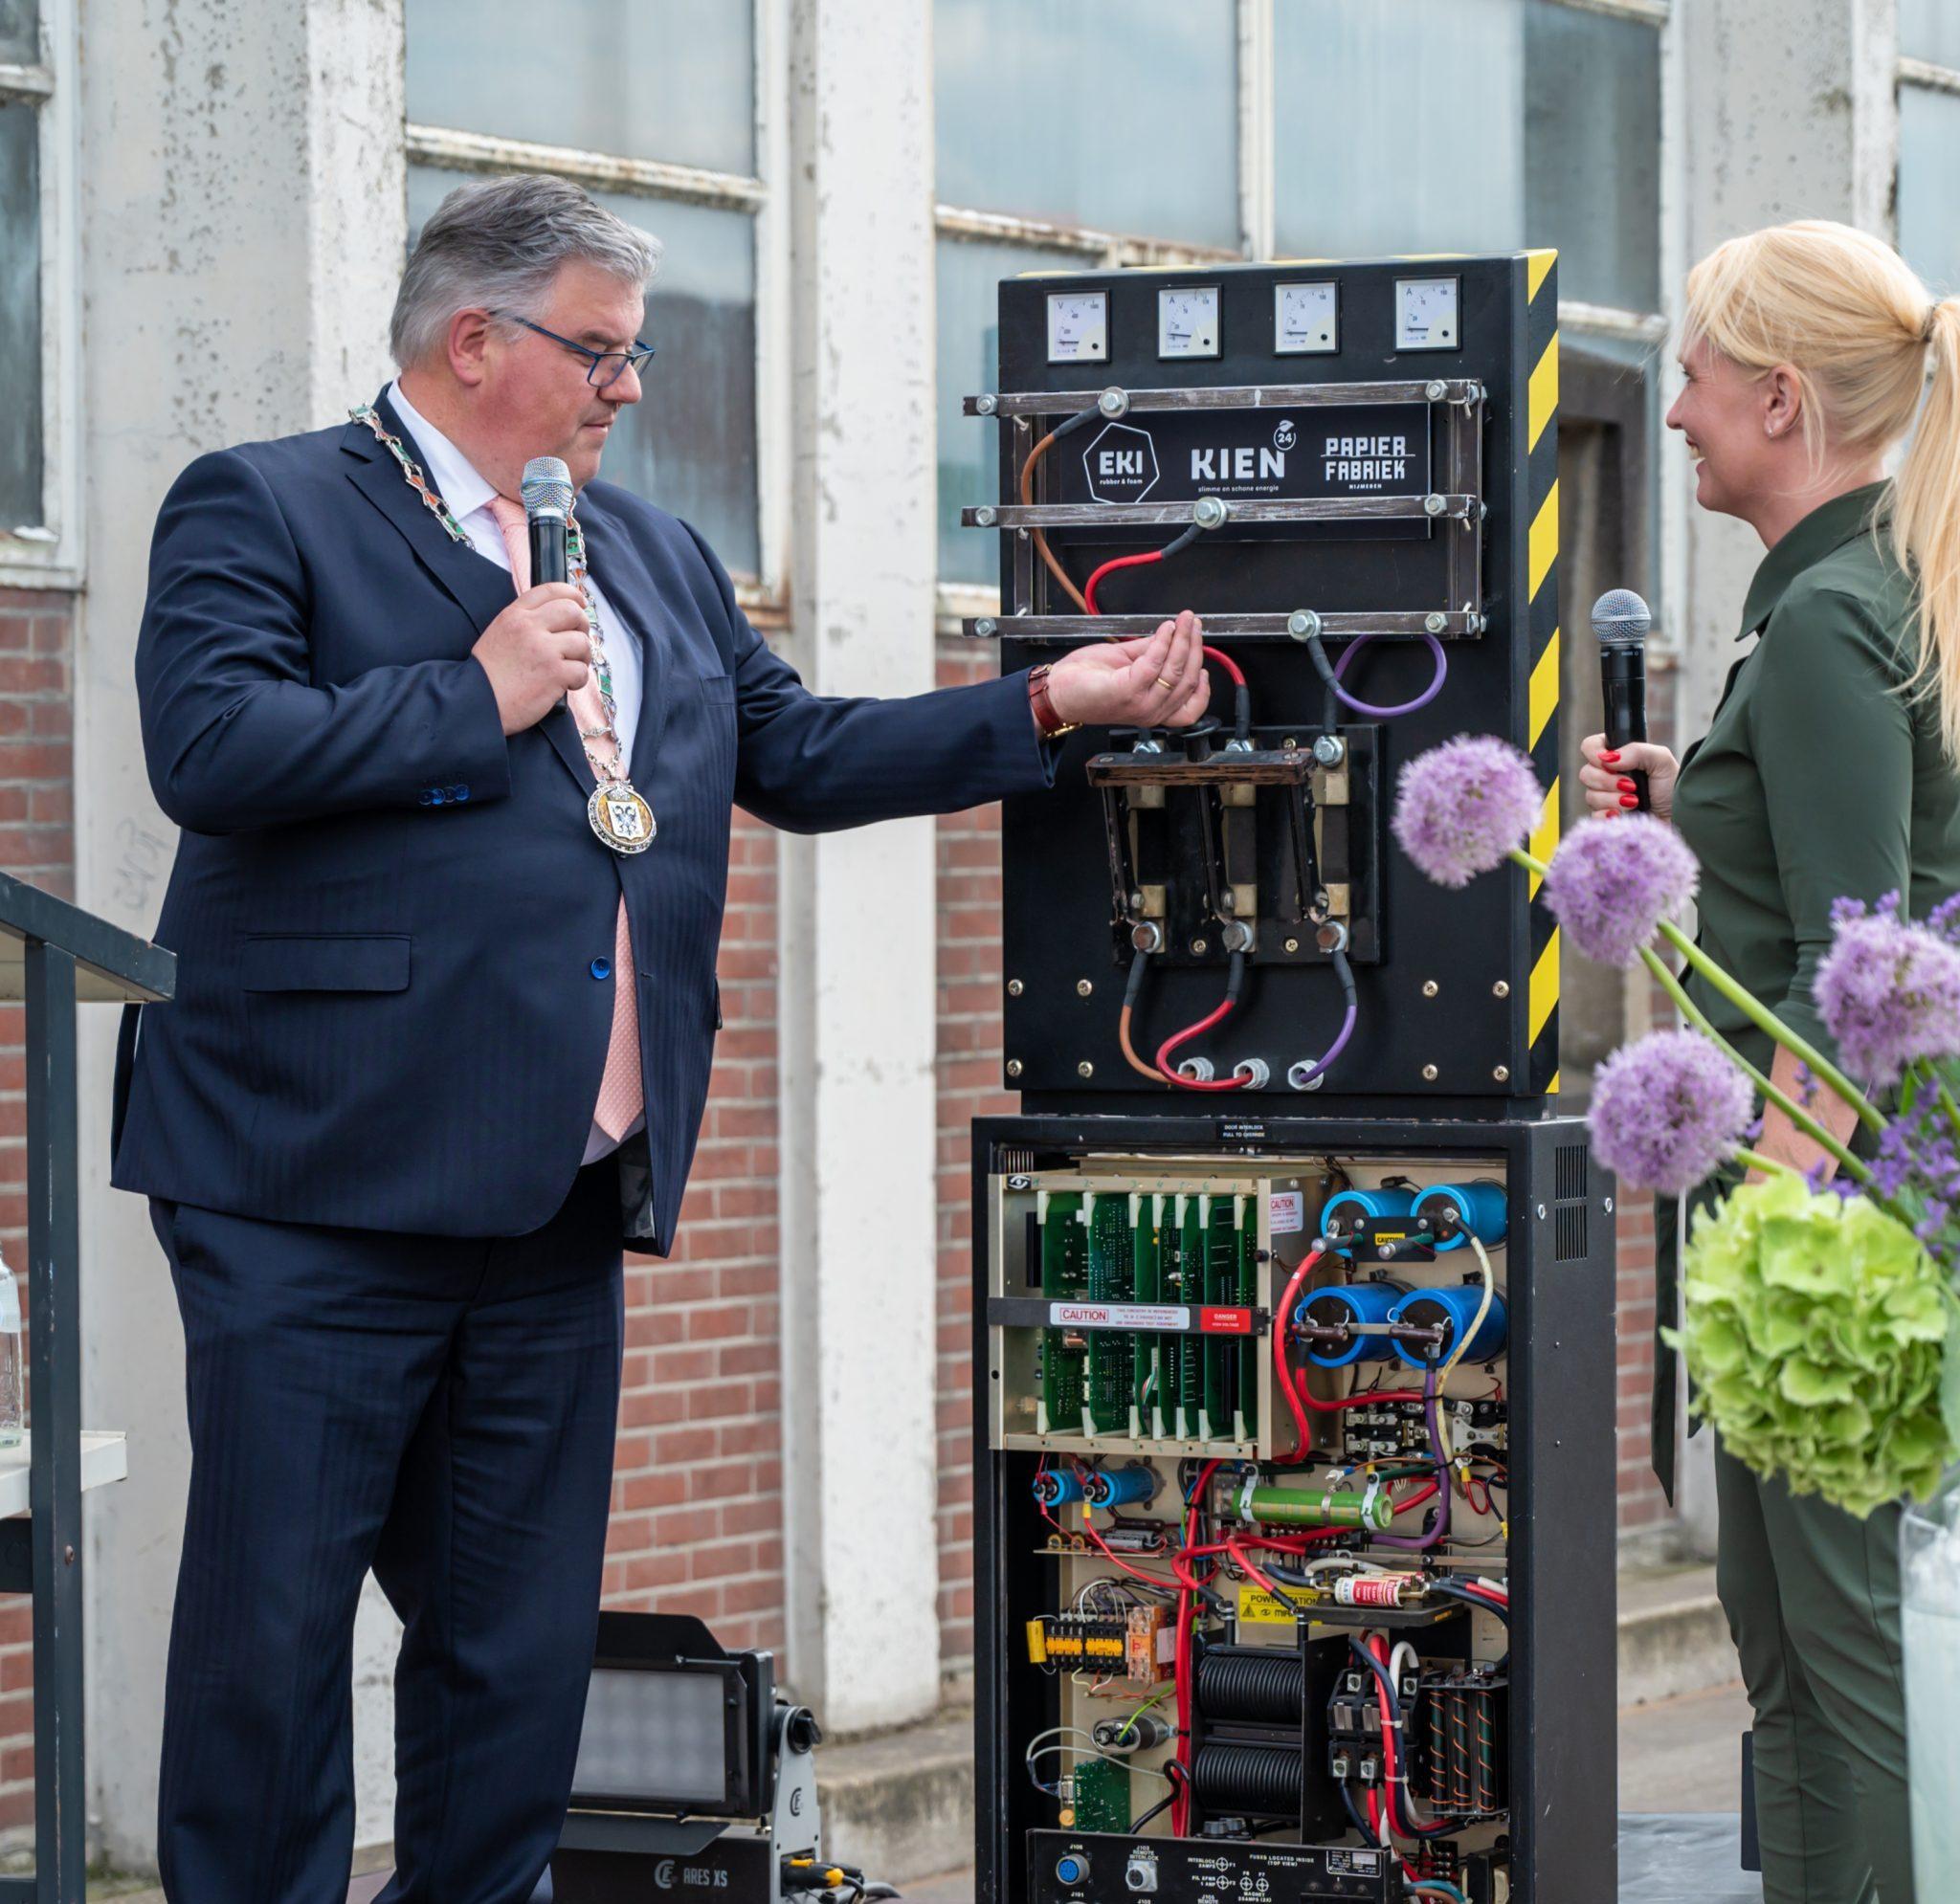 Hubert Bruls opent het duurzame bedrijfspand van EKI en daarmee ook het zonnepark. (Foto EKI)